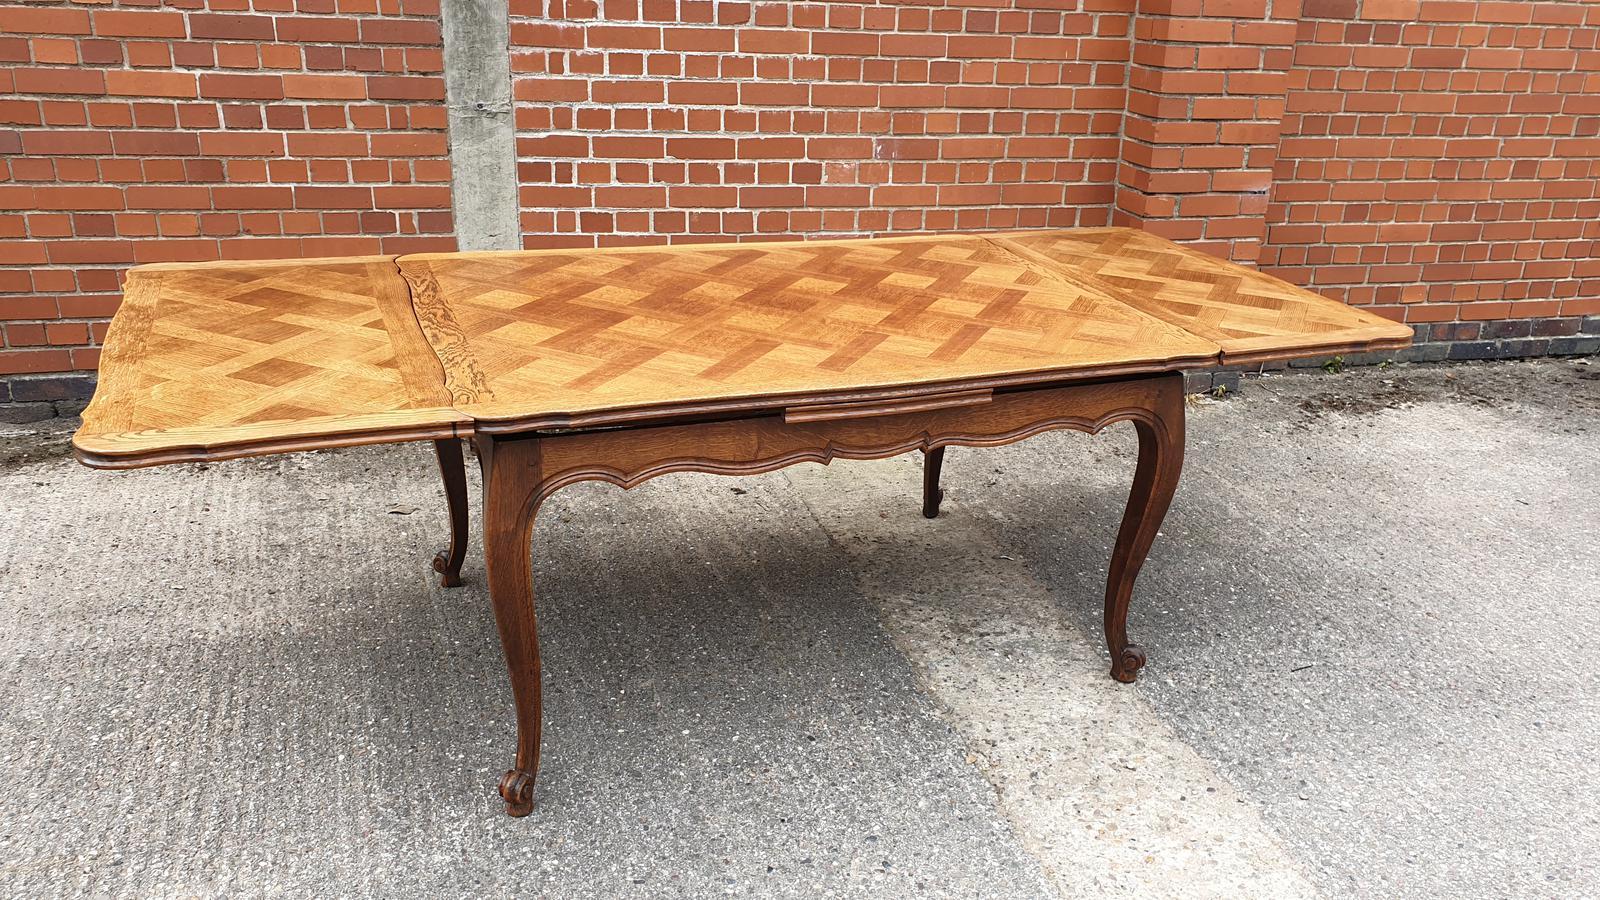 French Oak Drawleaf Table (1 of 1)